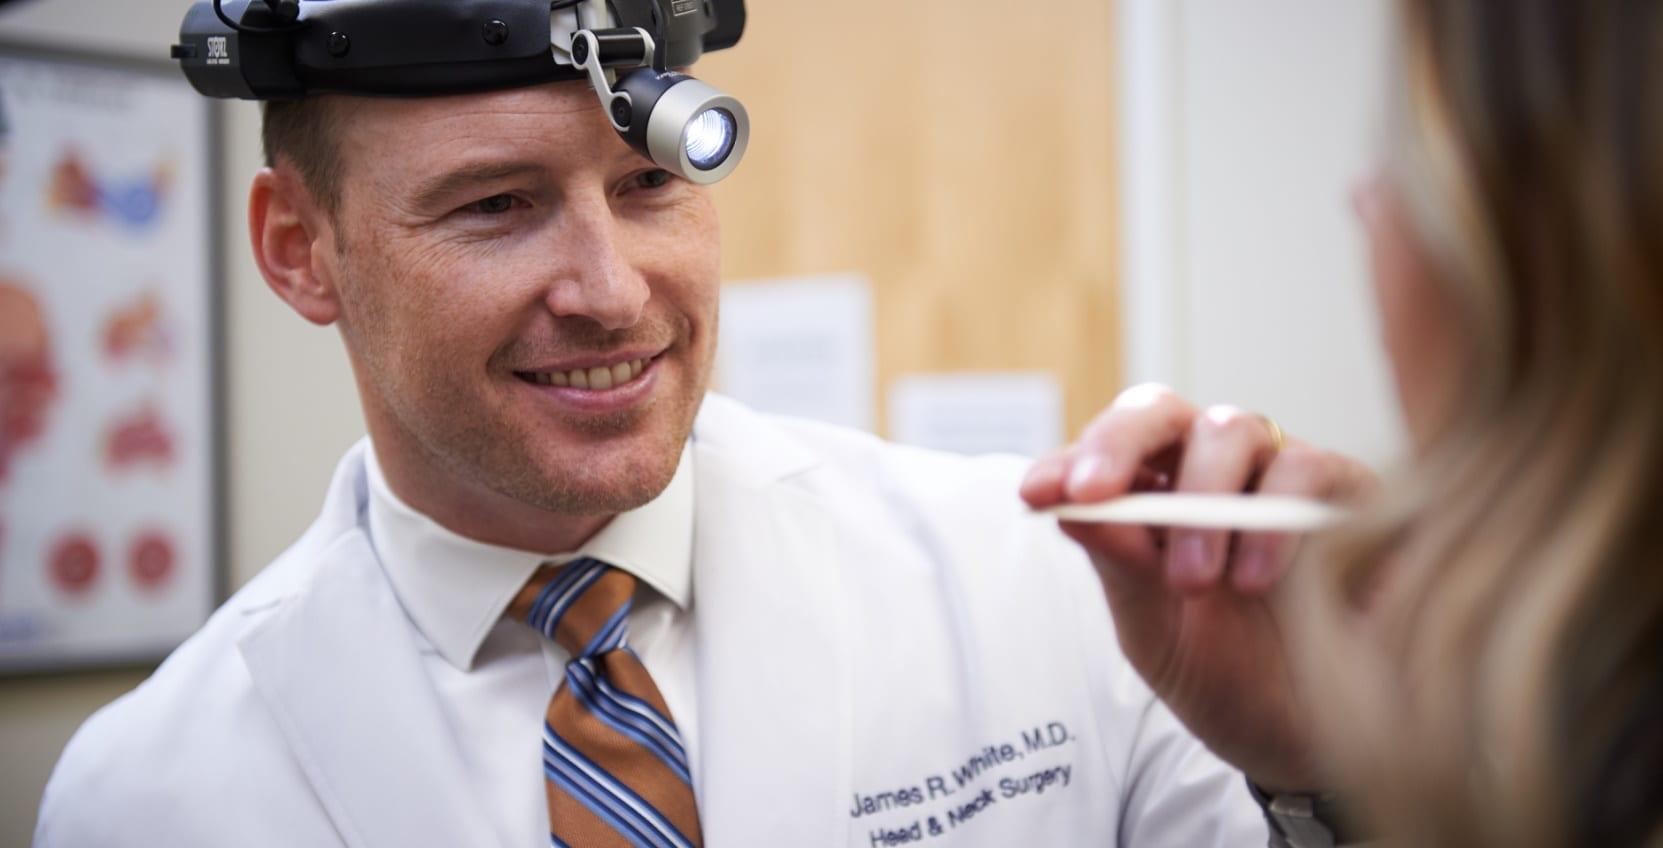 Hình ảnh bác sĩ kiểm tra răng miệng